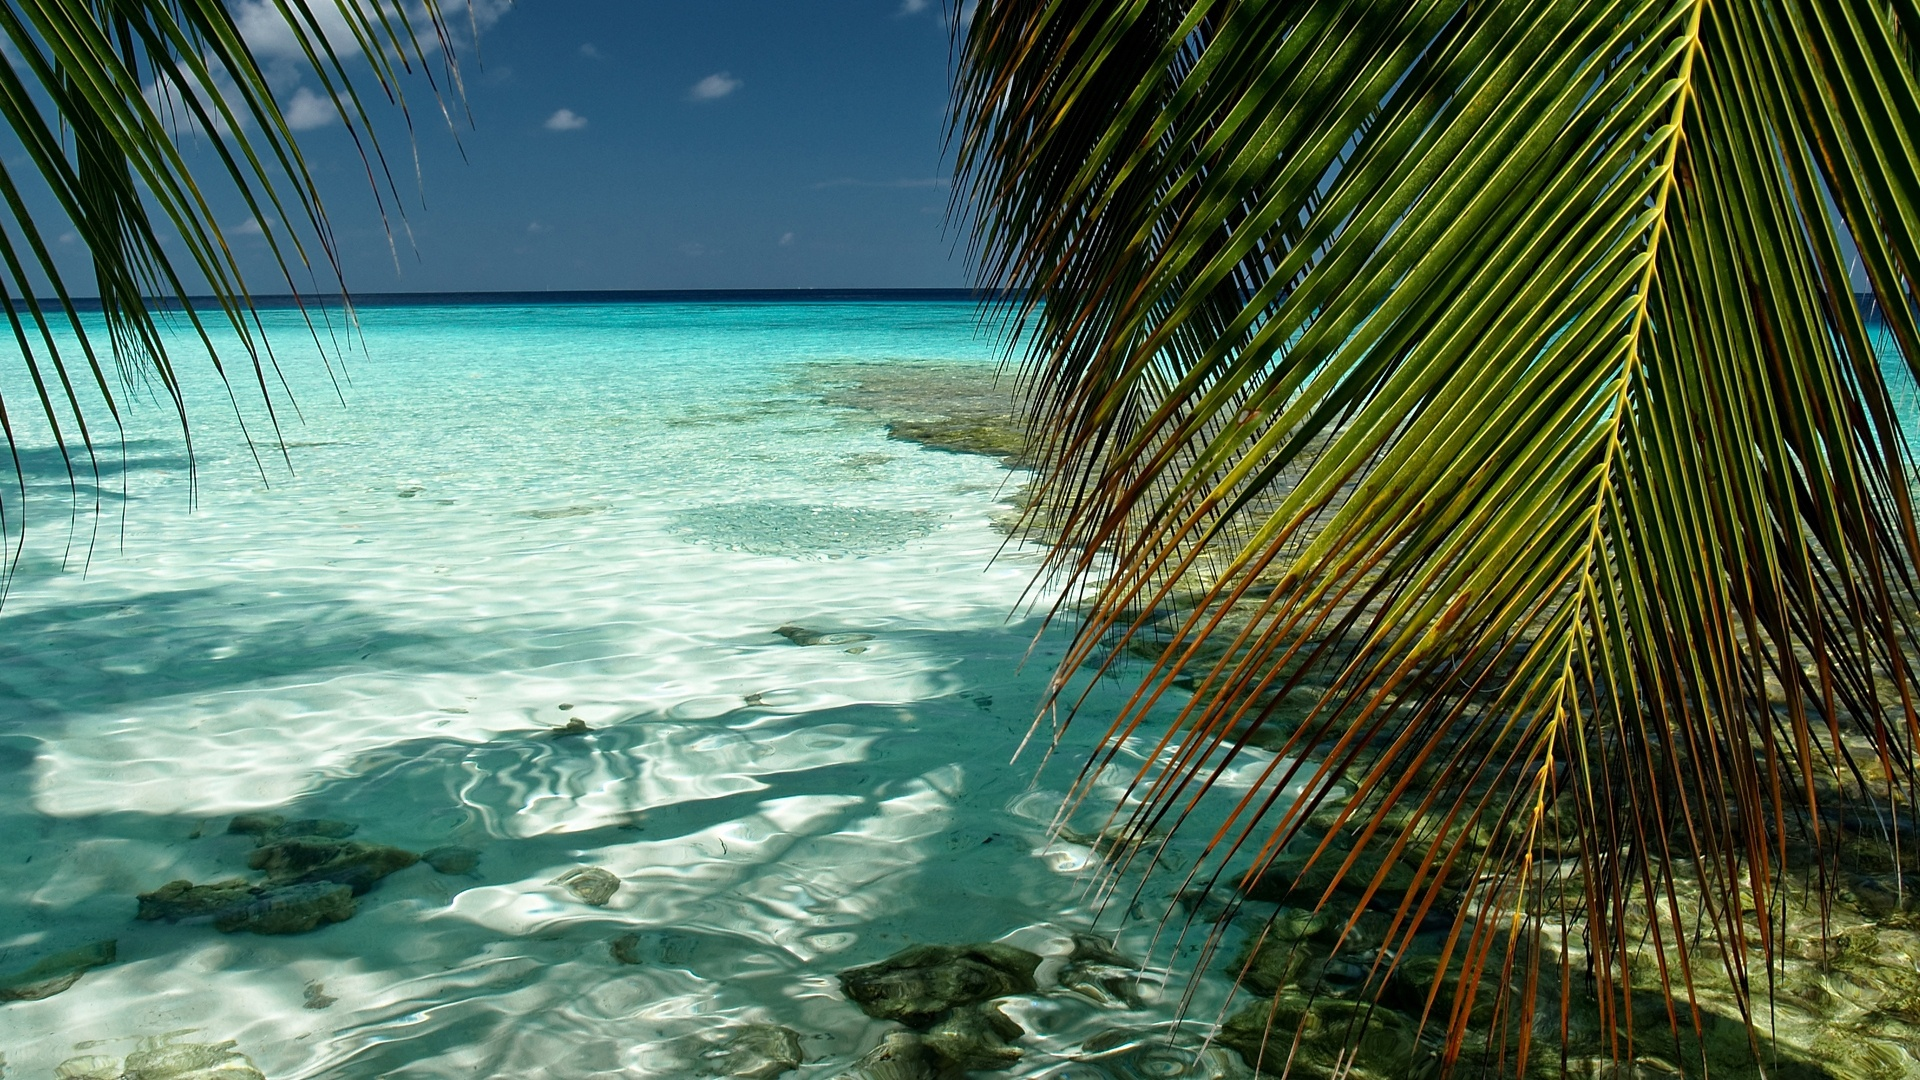 http://1.bp.blogspot.com/-VQjp3Vv79N4/UIq3qTV0o3I/AAAAAAAAM8M/EQ4c0MSHFCc/s0/south-male-atoll-1920x1080.jpg